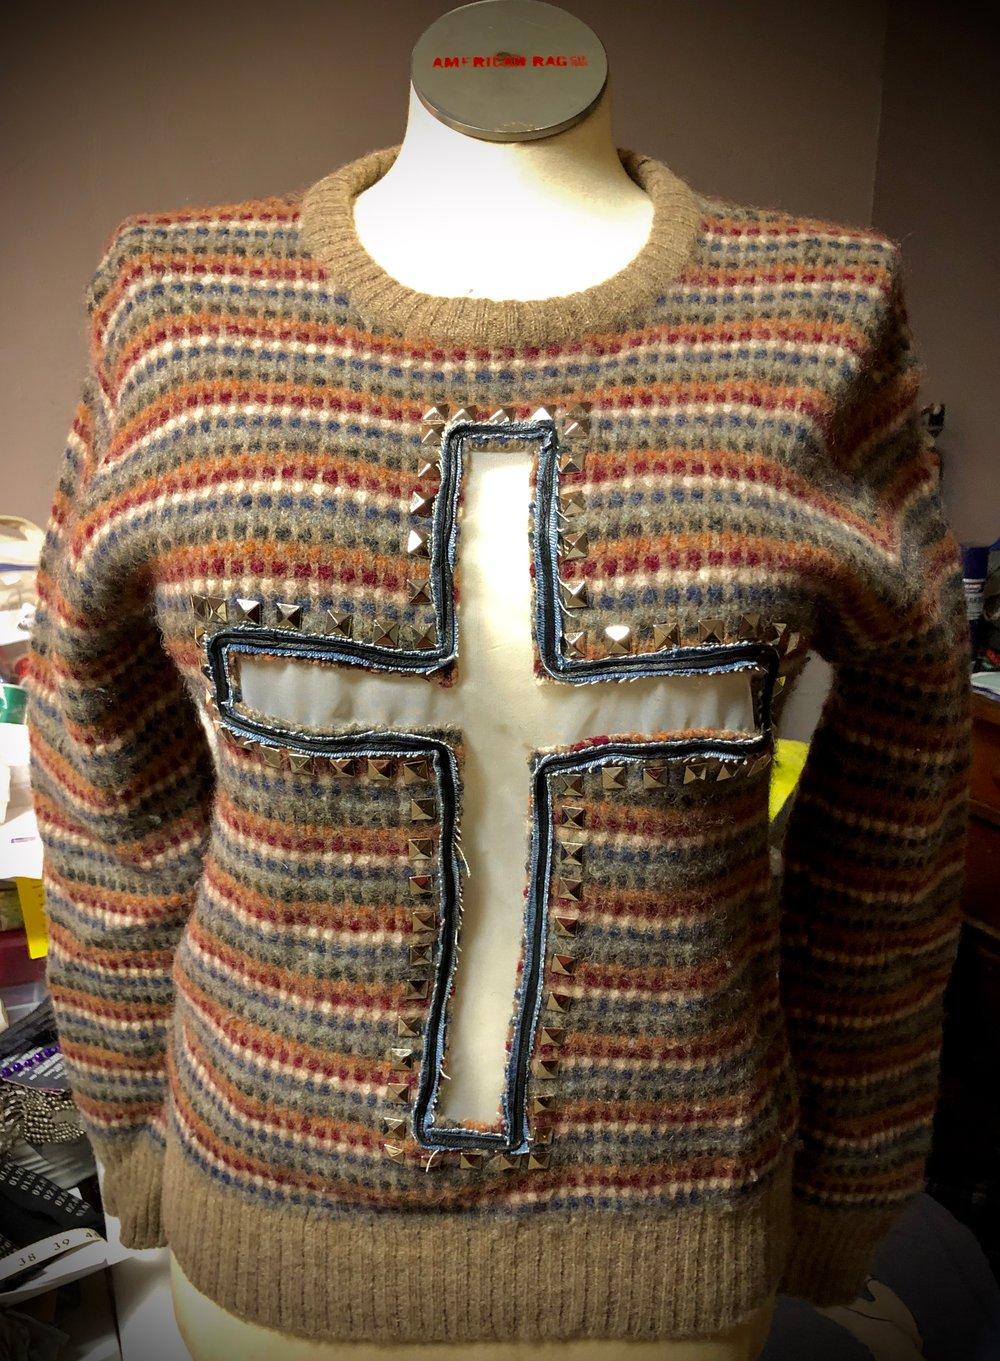 Crucifix repurposed vintage sweater